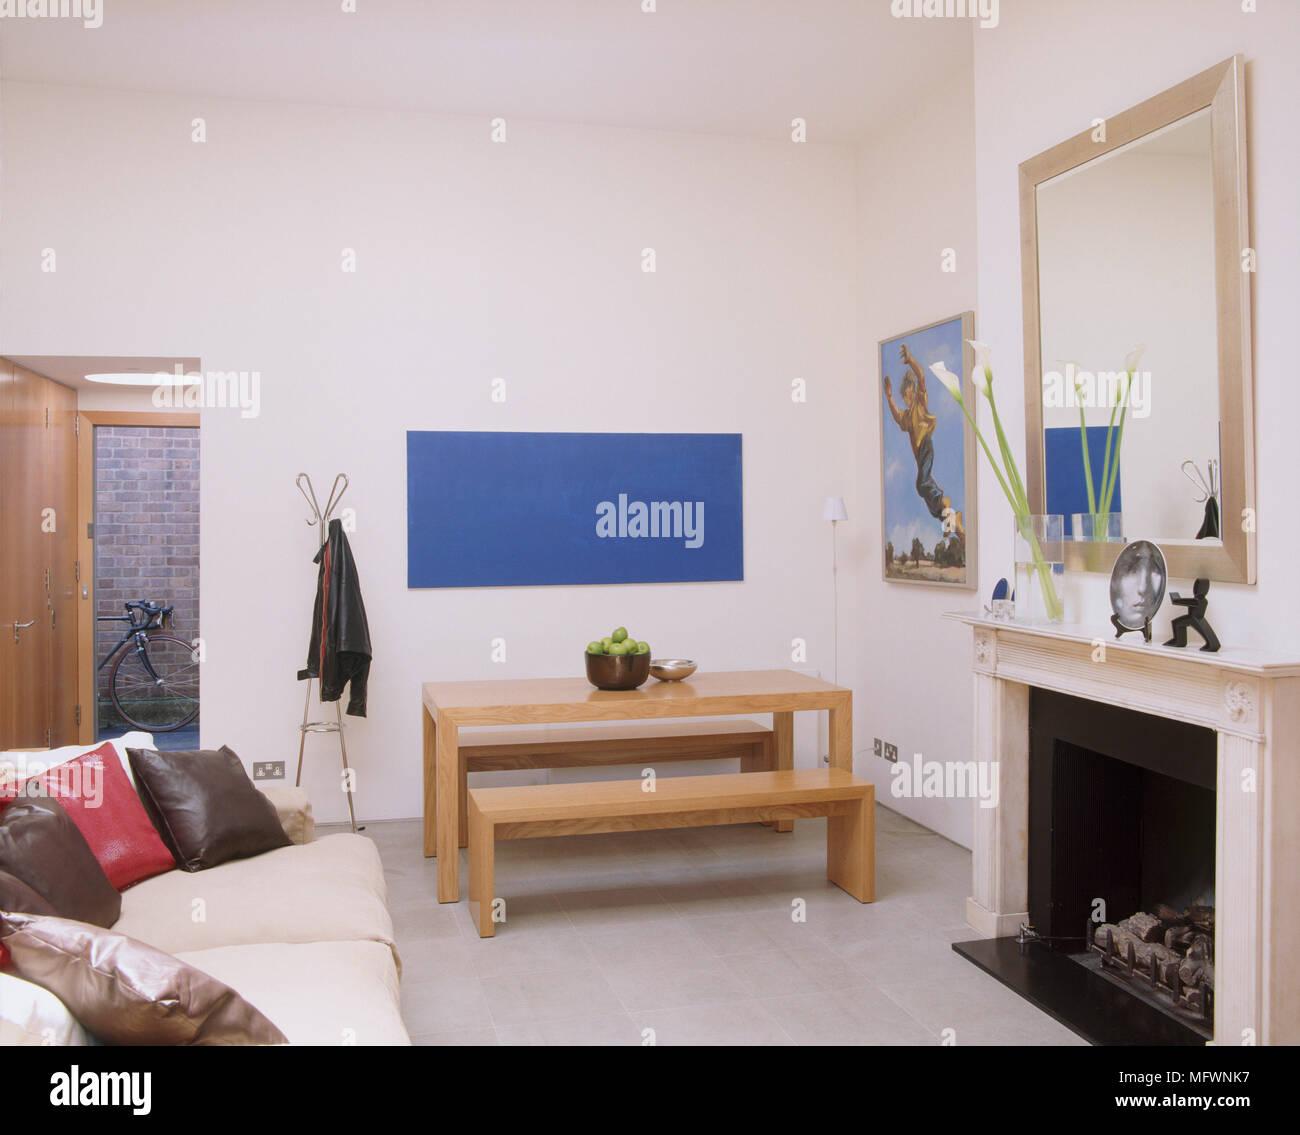 Eine Moderne, Offene Wohnzimmer Mit Kamin, Esstisch Und Sitzbänke,  Gepolstertes Sofa, Silbernen Spiegel